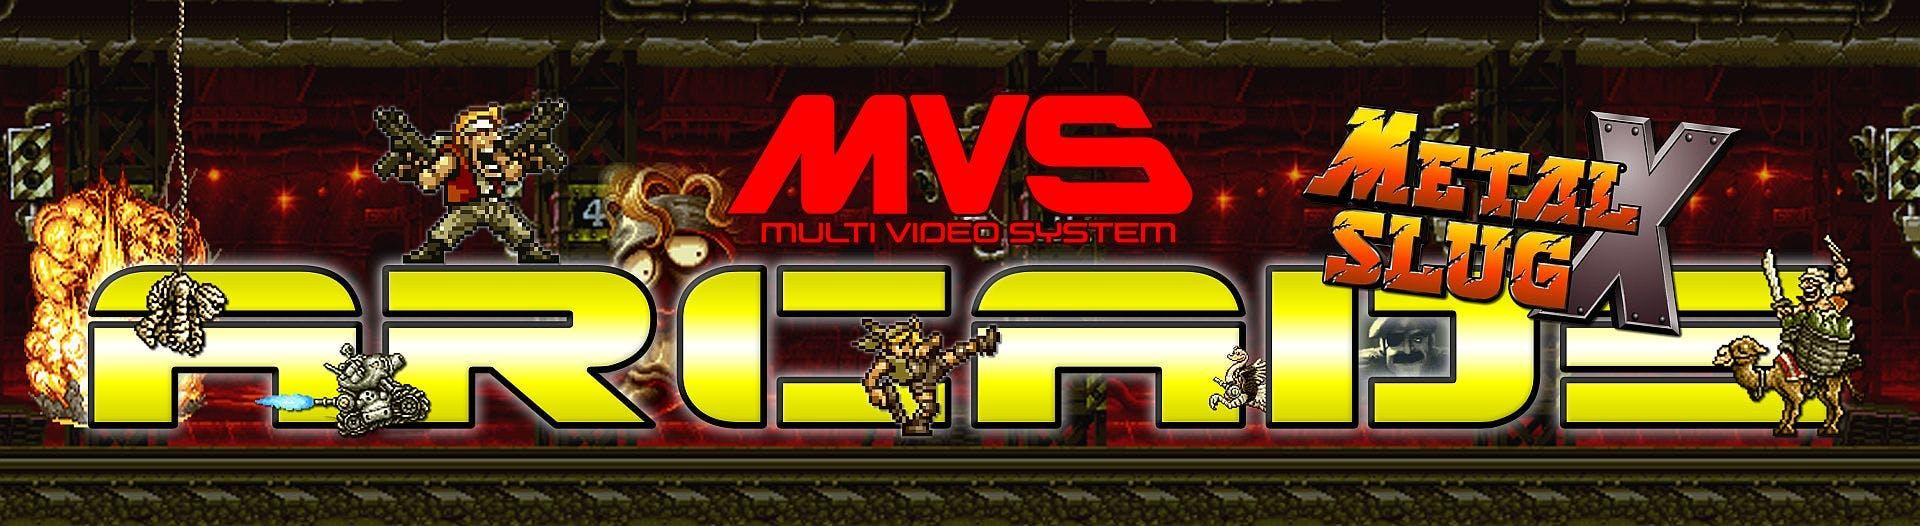 Metal Slug marquee